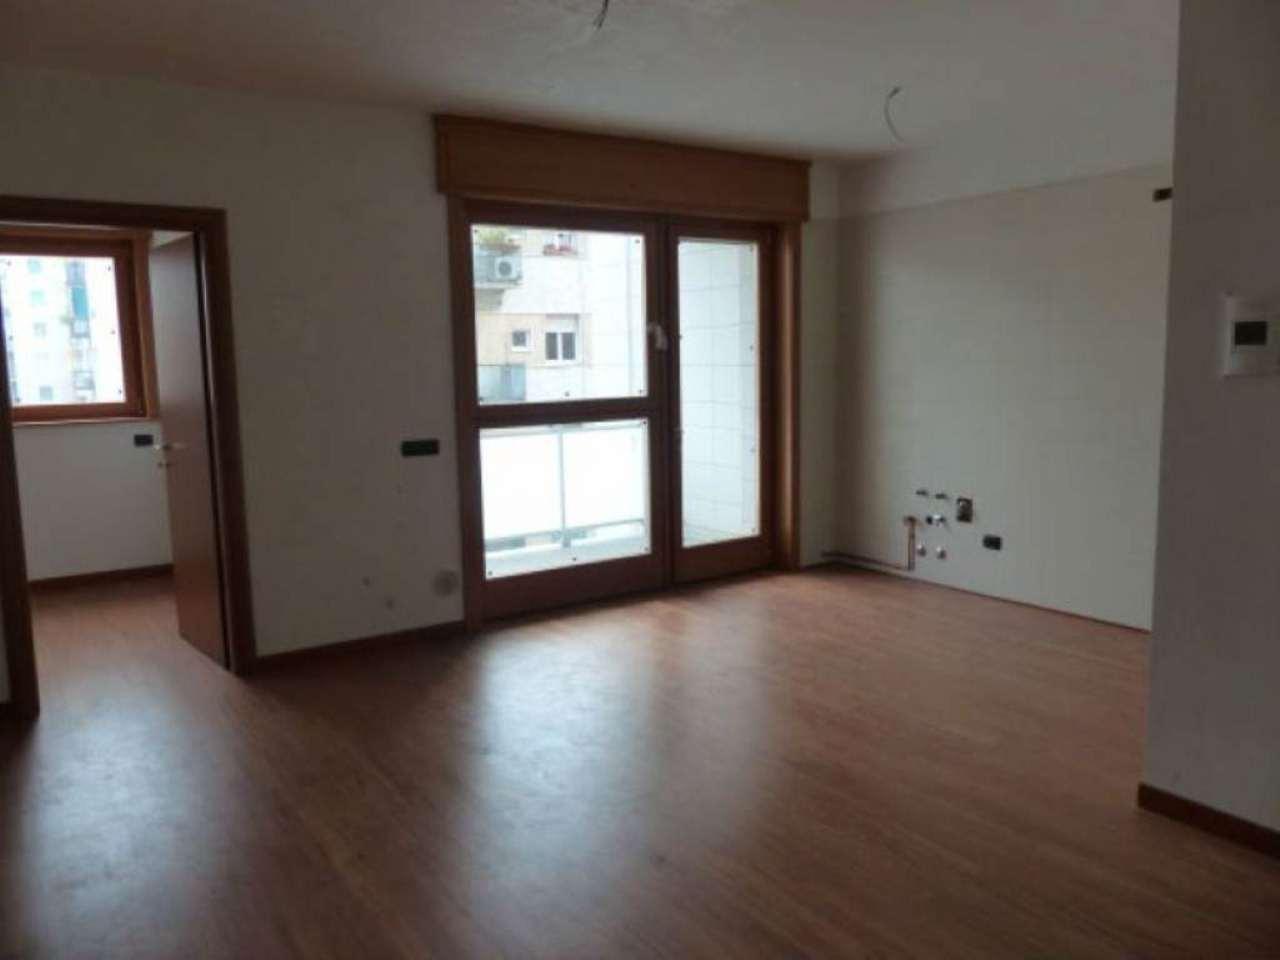 Appartamento in Vendita a Milano 23 Forlanini / Mecenate: 3 locali, 90 mq